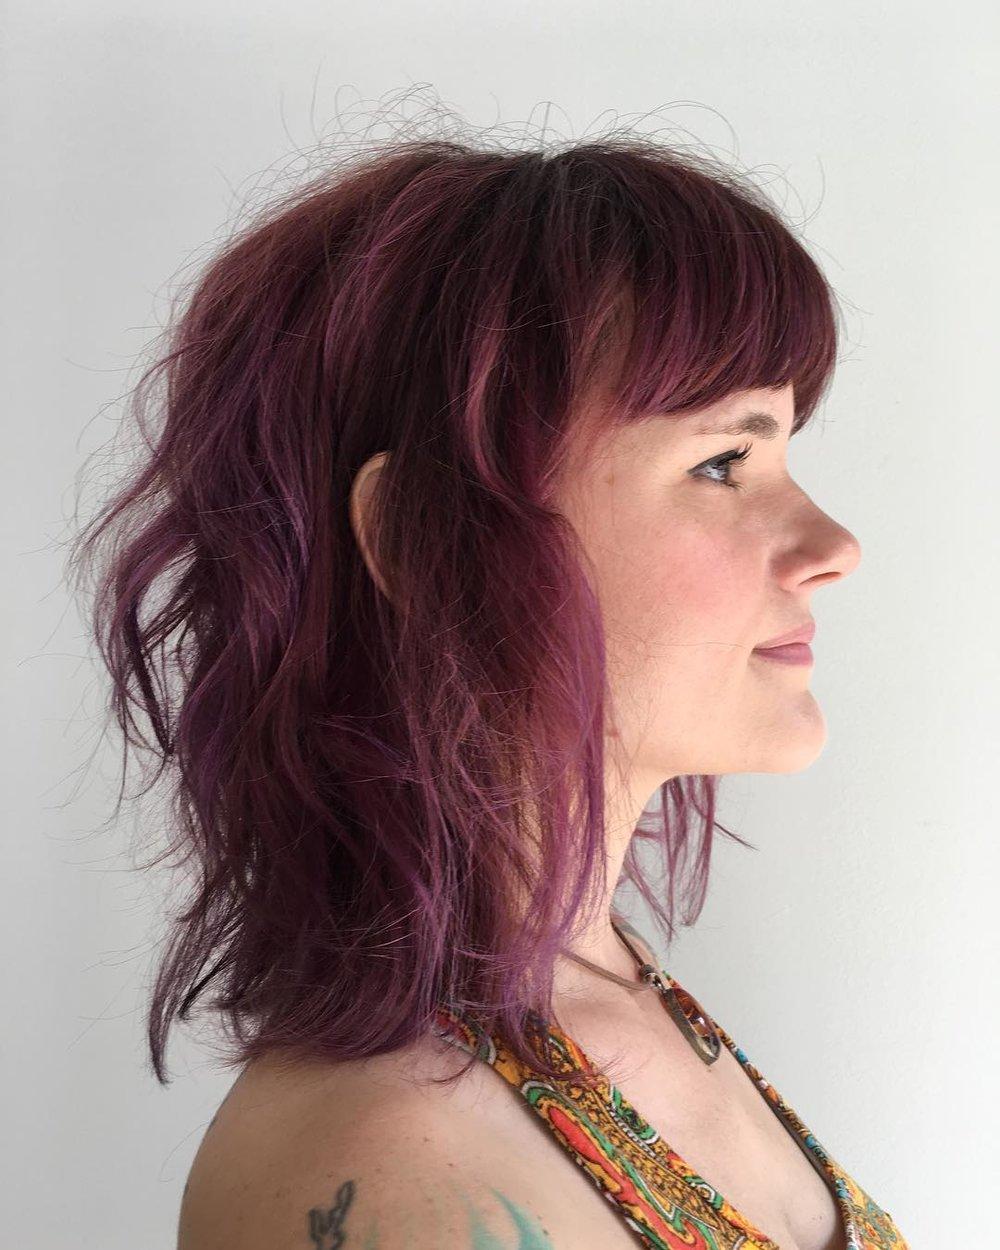 @meta_hair